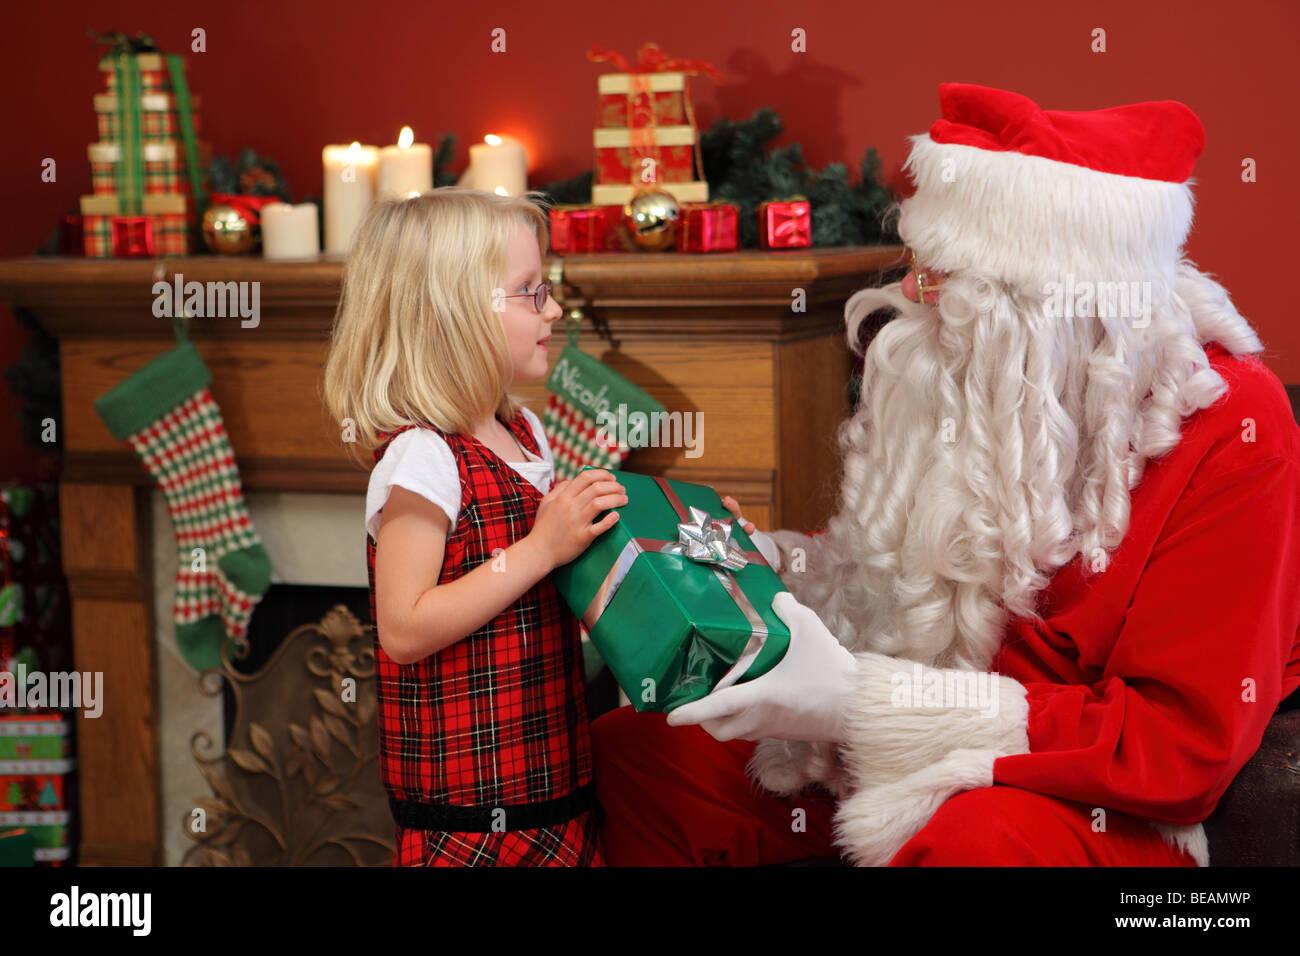 Santa Claus gibt jungen Mädchen Weihnachtsgeschenk Stockbild